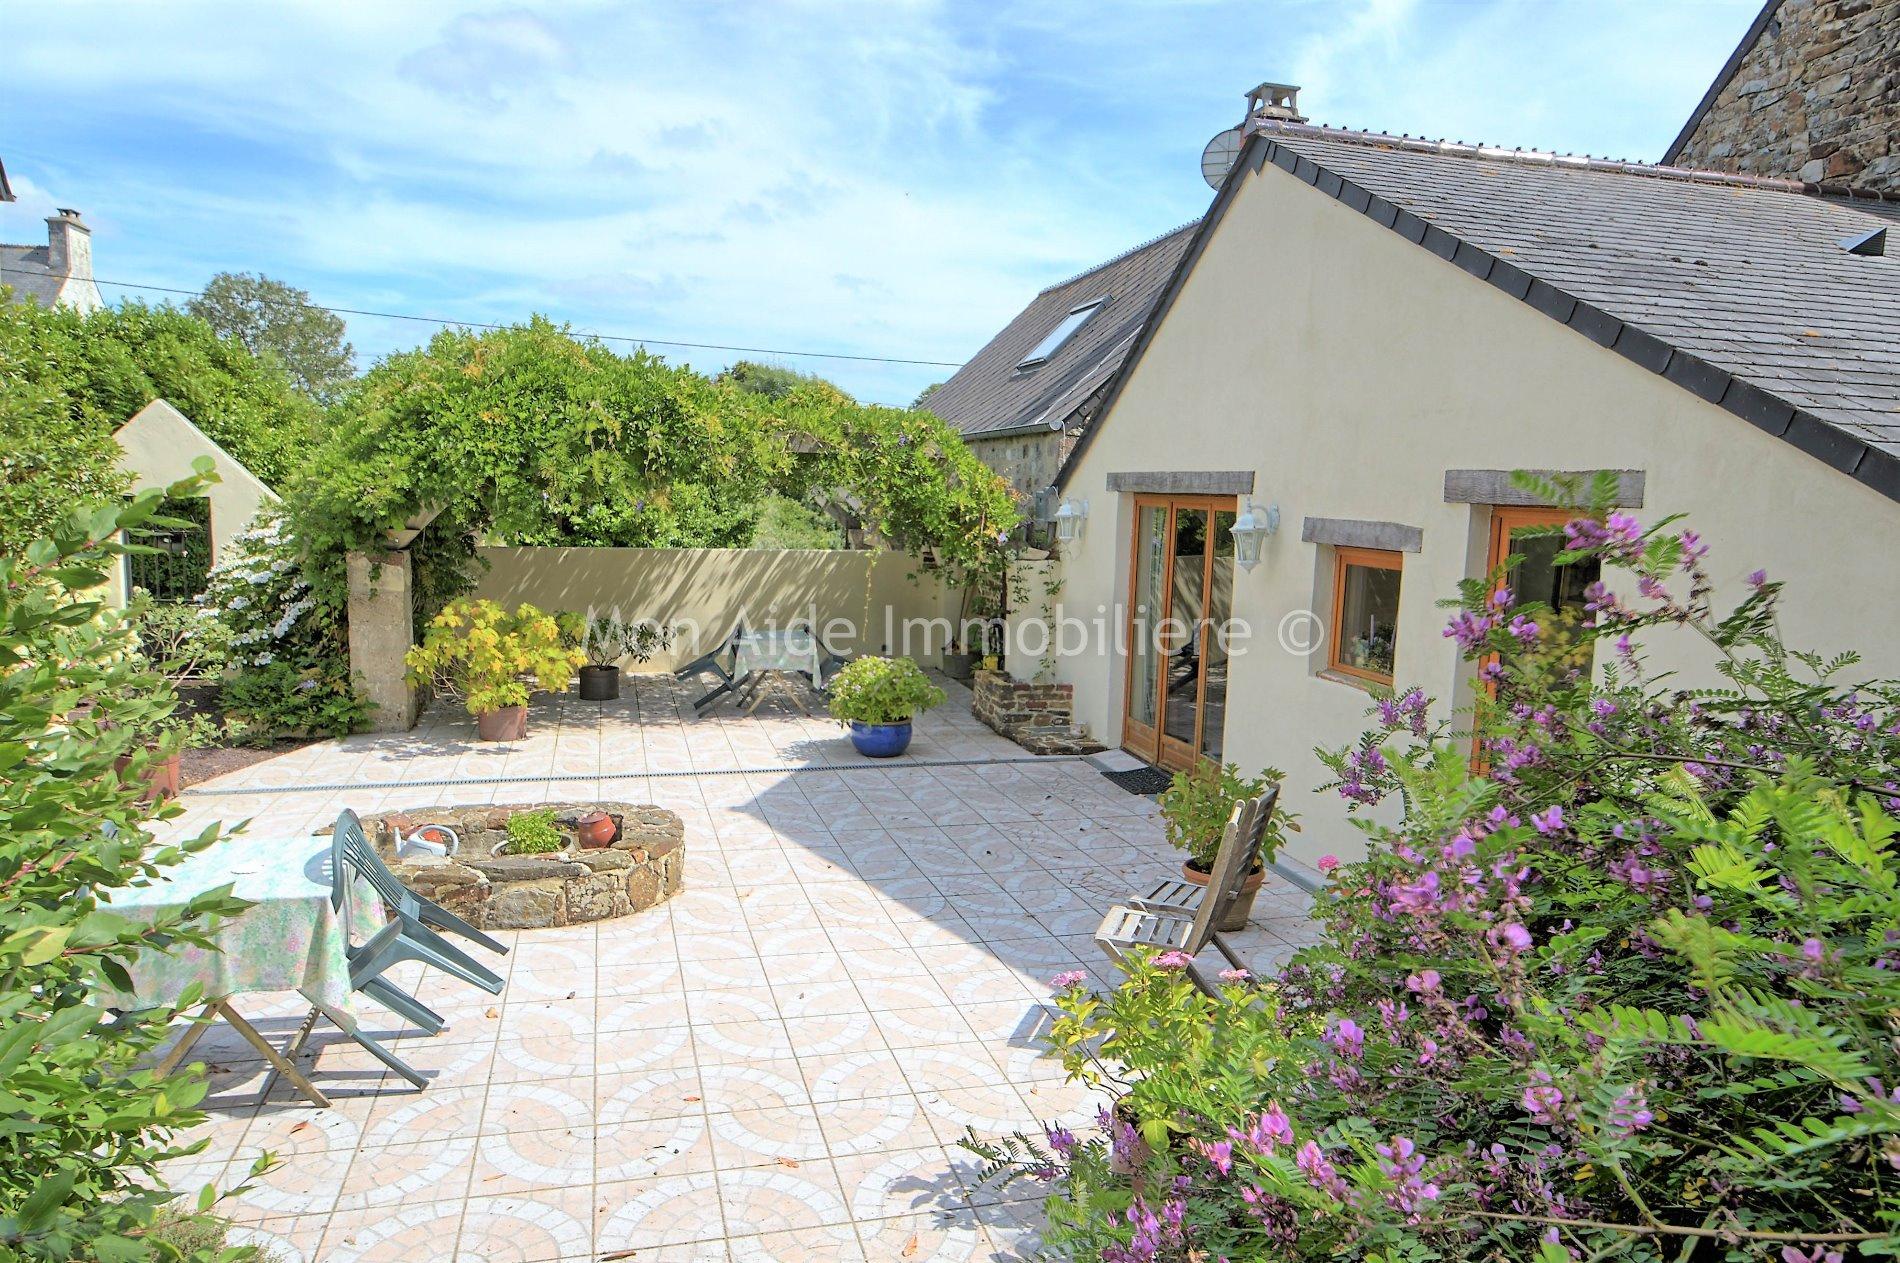 Annonce vente maison portbail 50580 226 m 230 000 for Annonce maison particulier